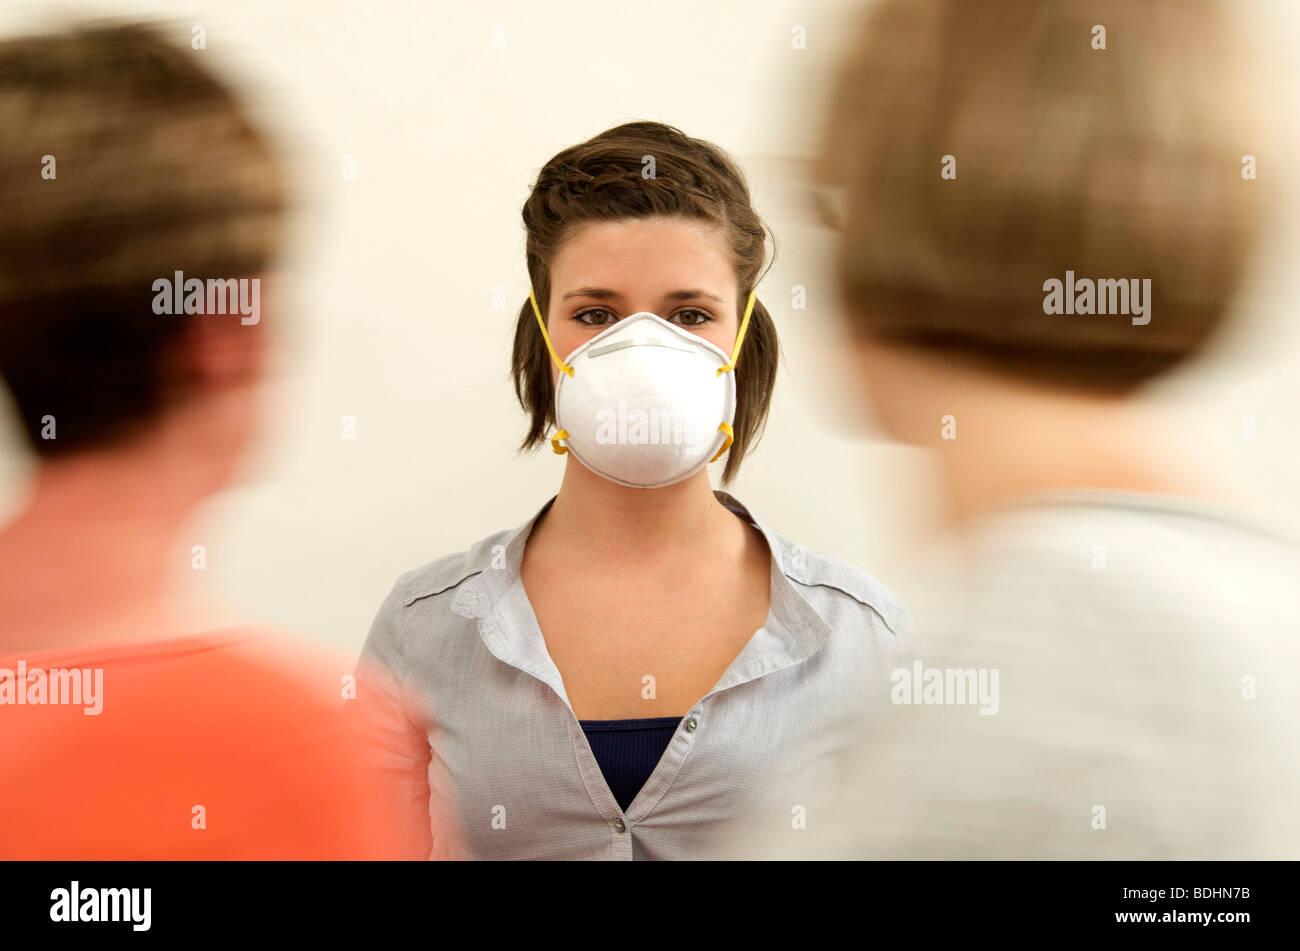 masque de protection contre la grippe